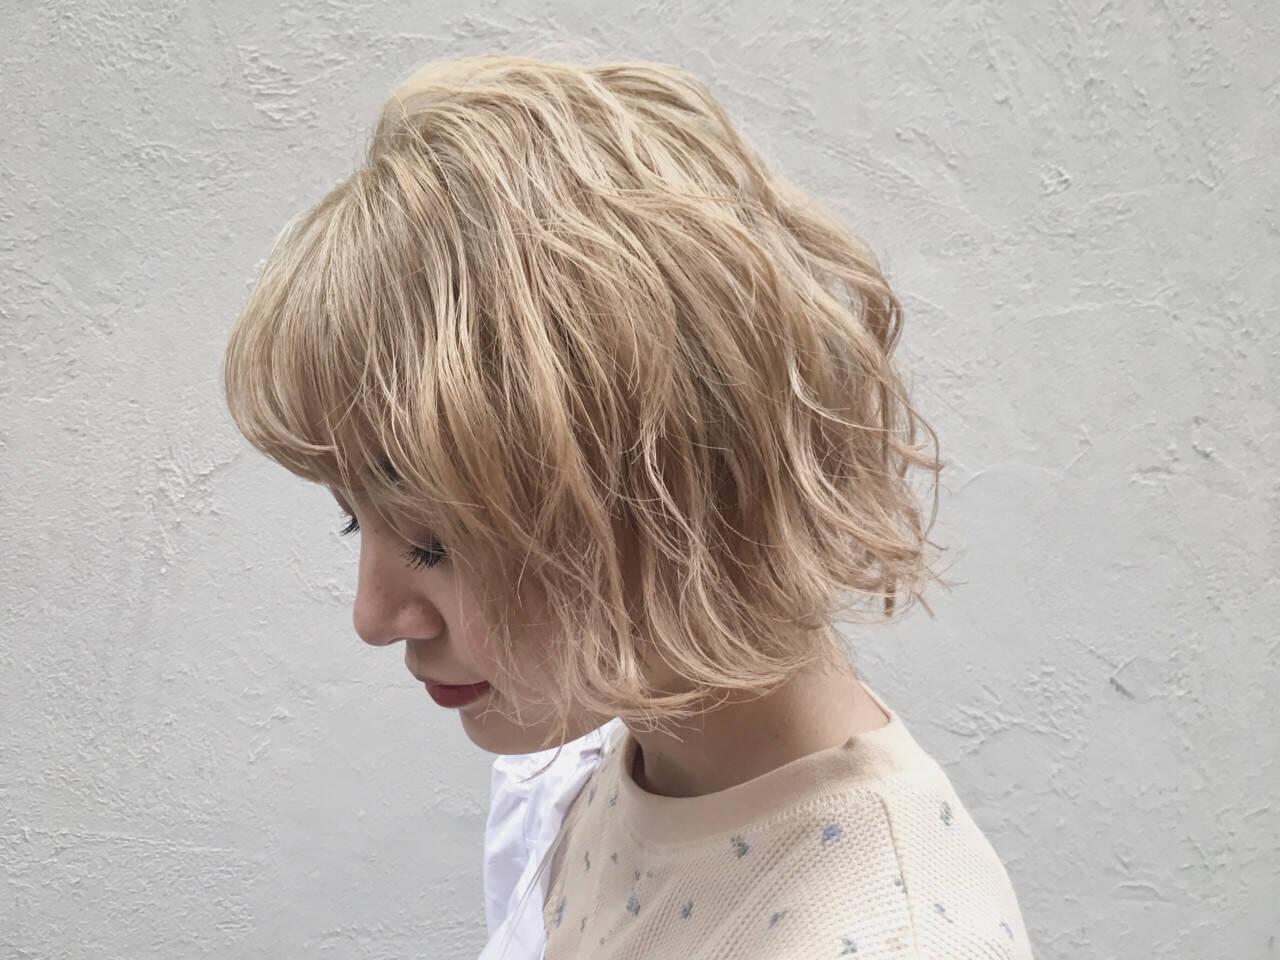 ハイトーン ウェーブ 金髪 モードヘアスタイルや髪型の写真・画像